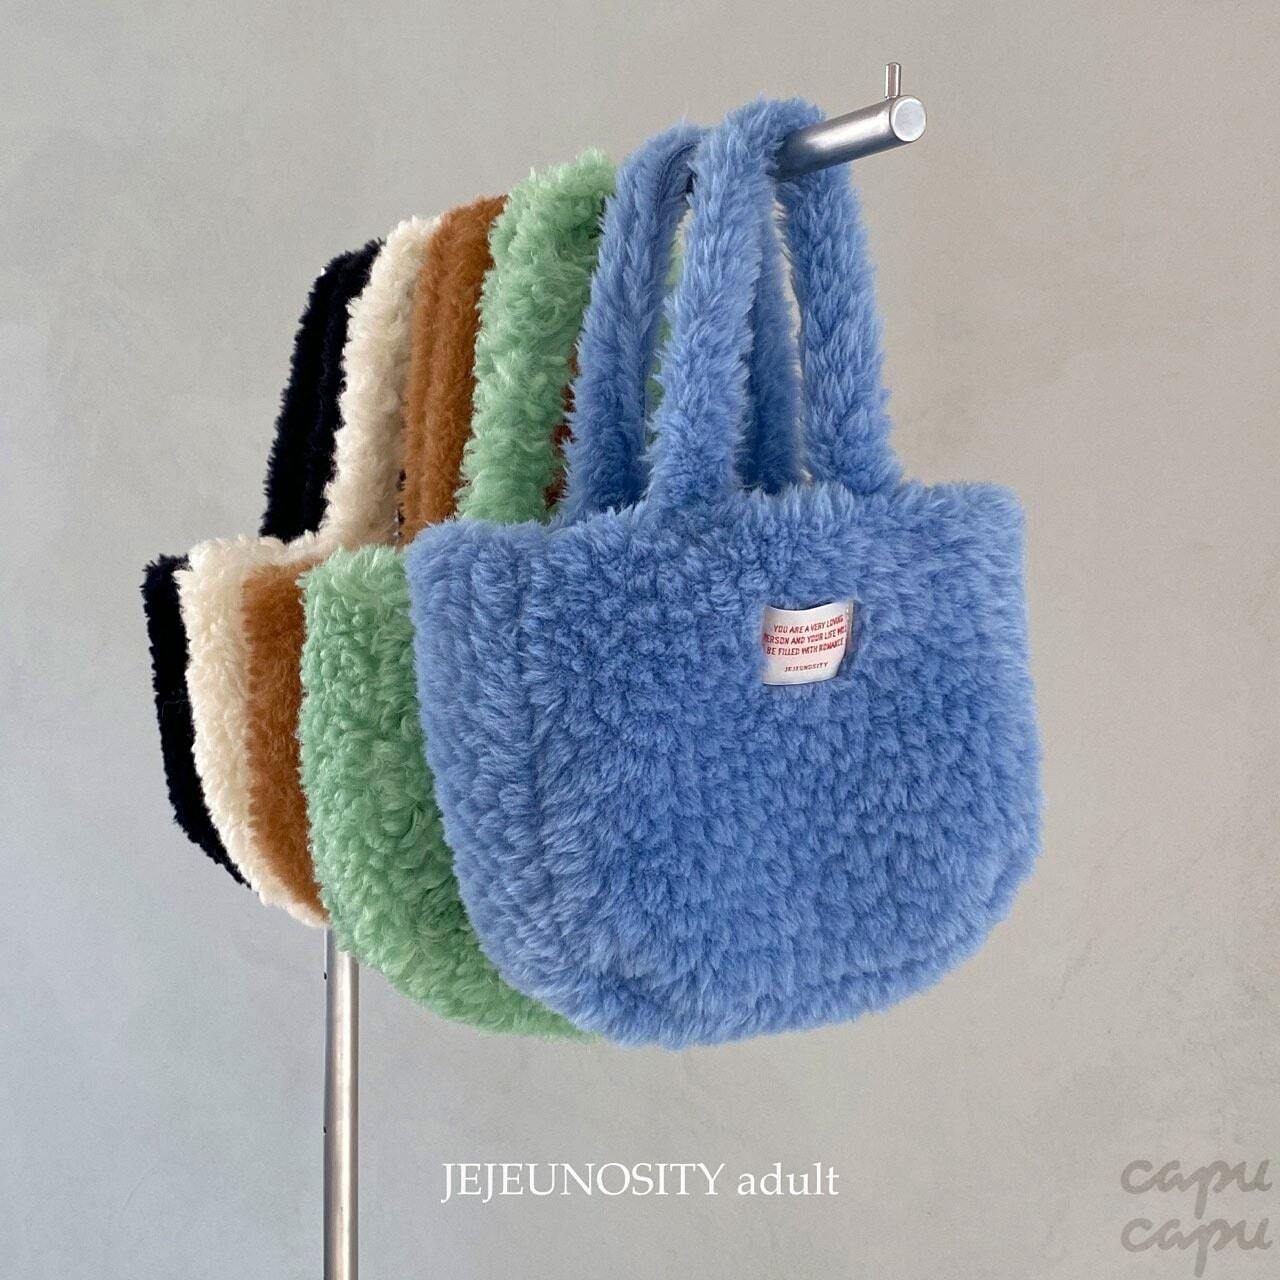 «先行予約割引» jejeunosity mokomoko bag 5colors もこもこバッグ